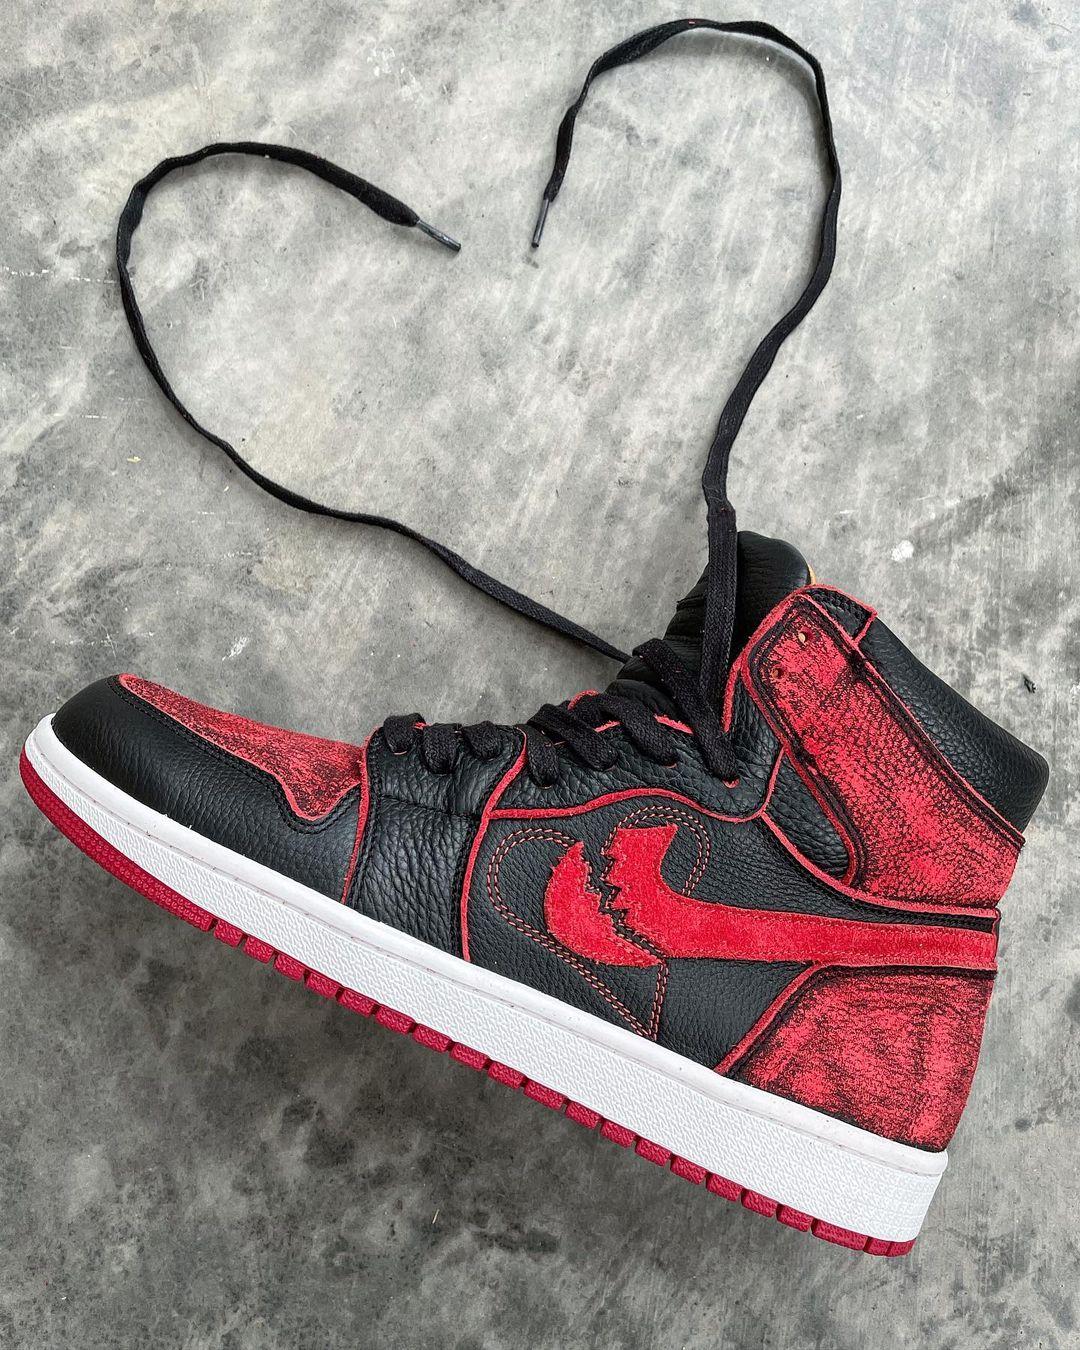 Une paire de Jordan 1 Hi customisées par JBF Custom.